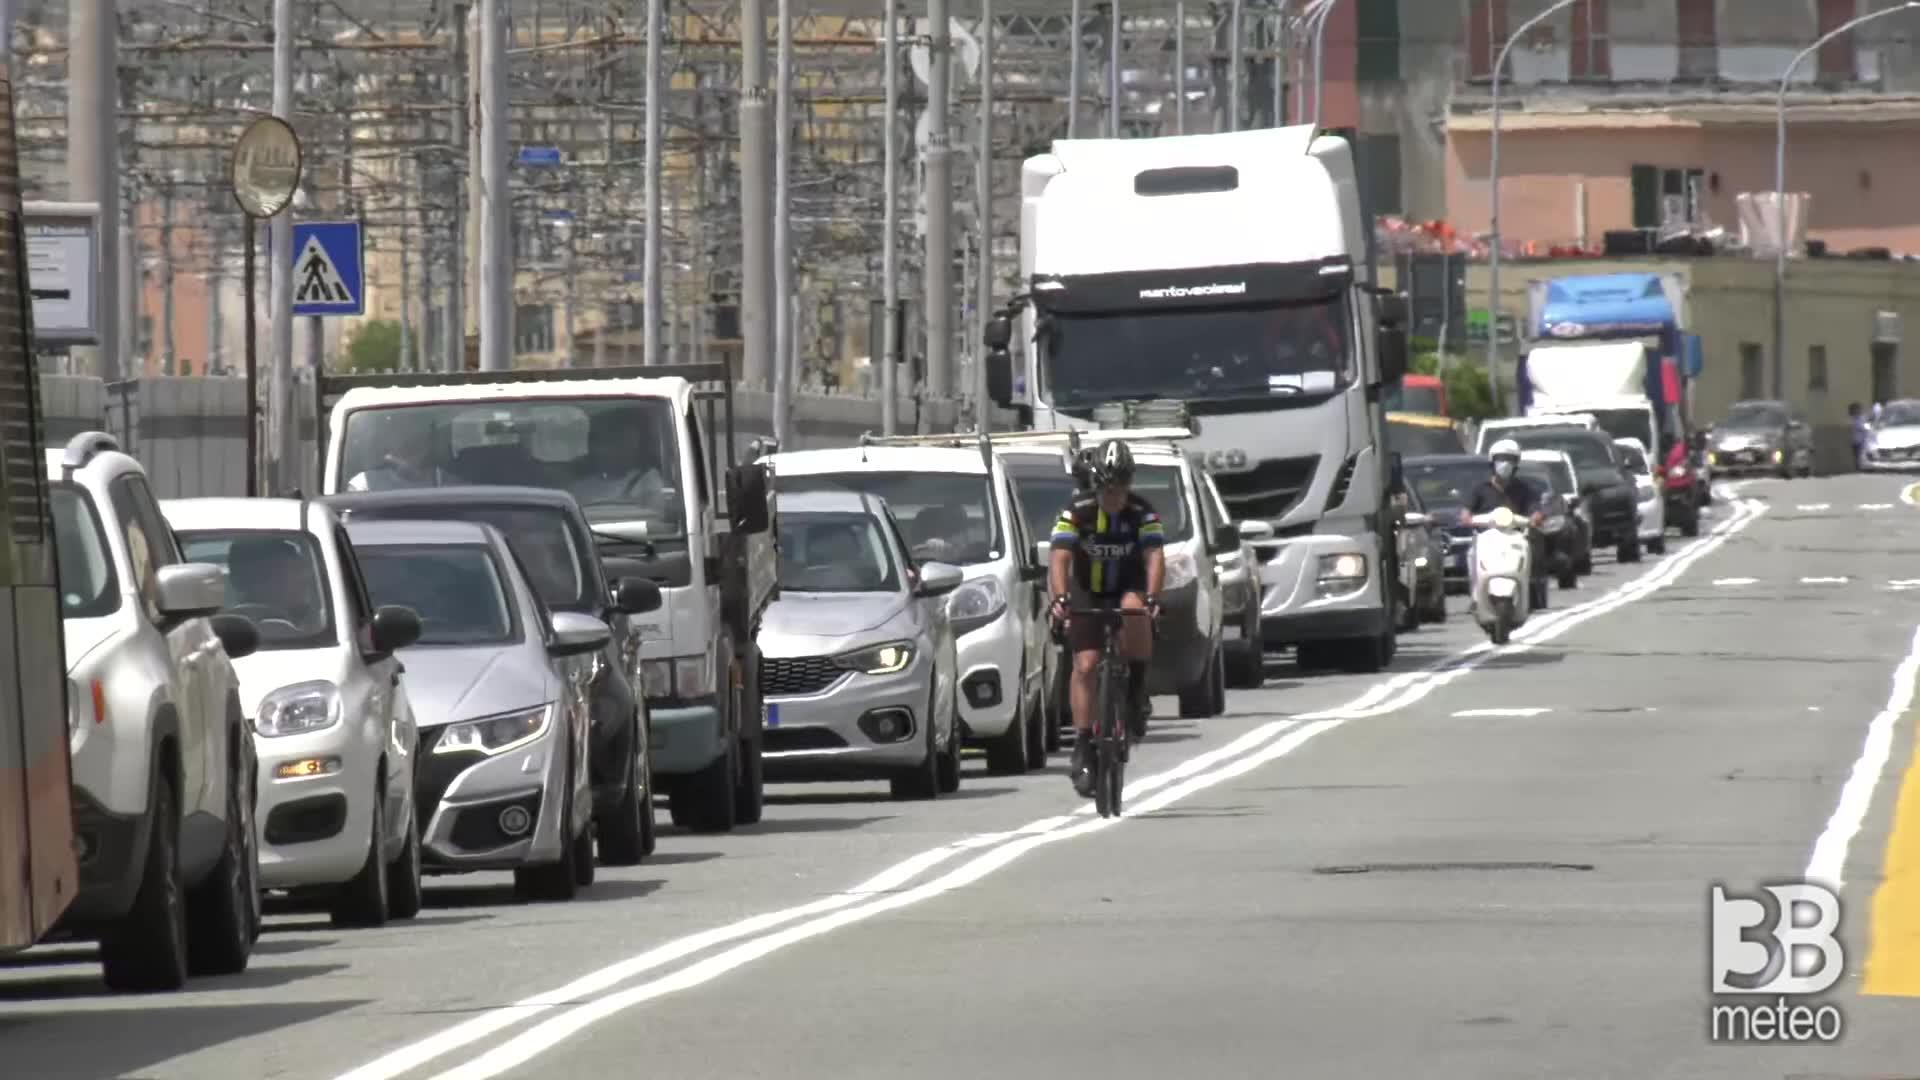 Genova, viabilit? paralizzata: in tilt la A10, caos traffico